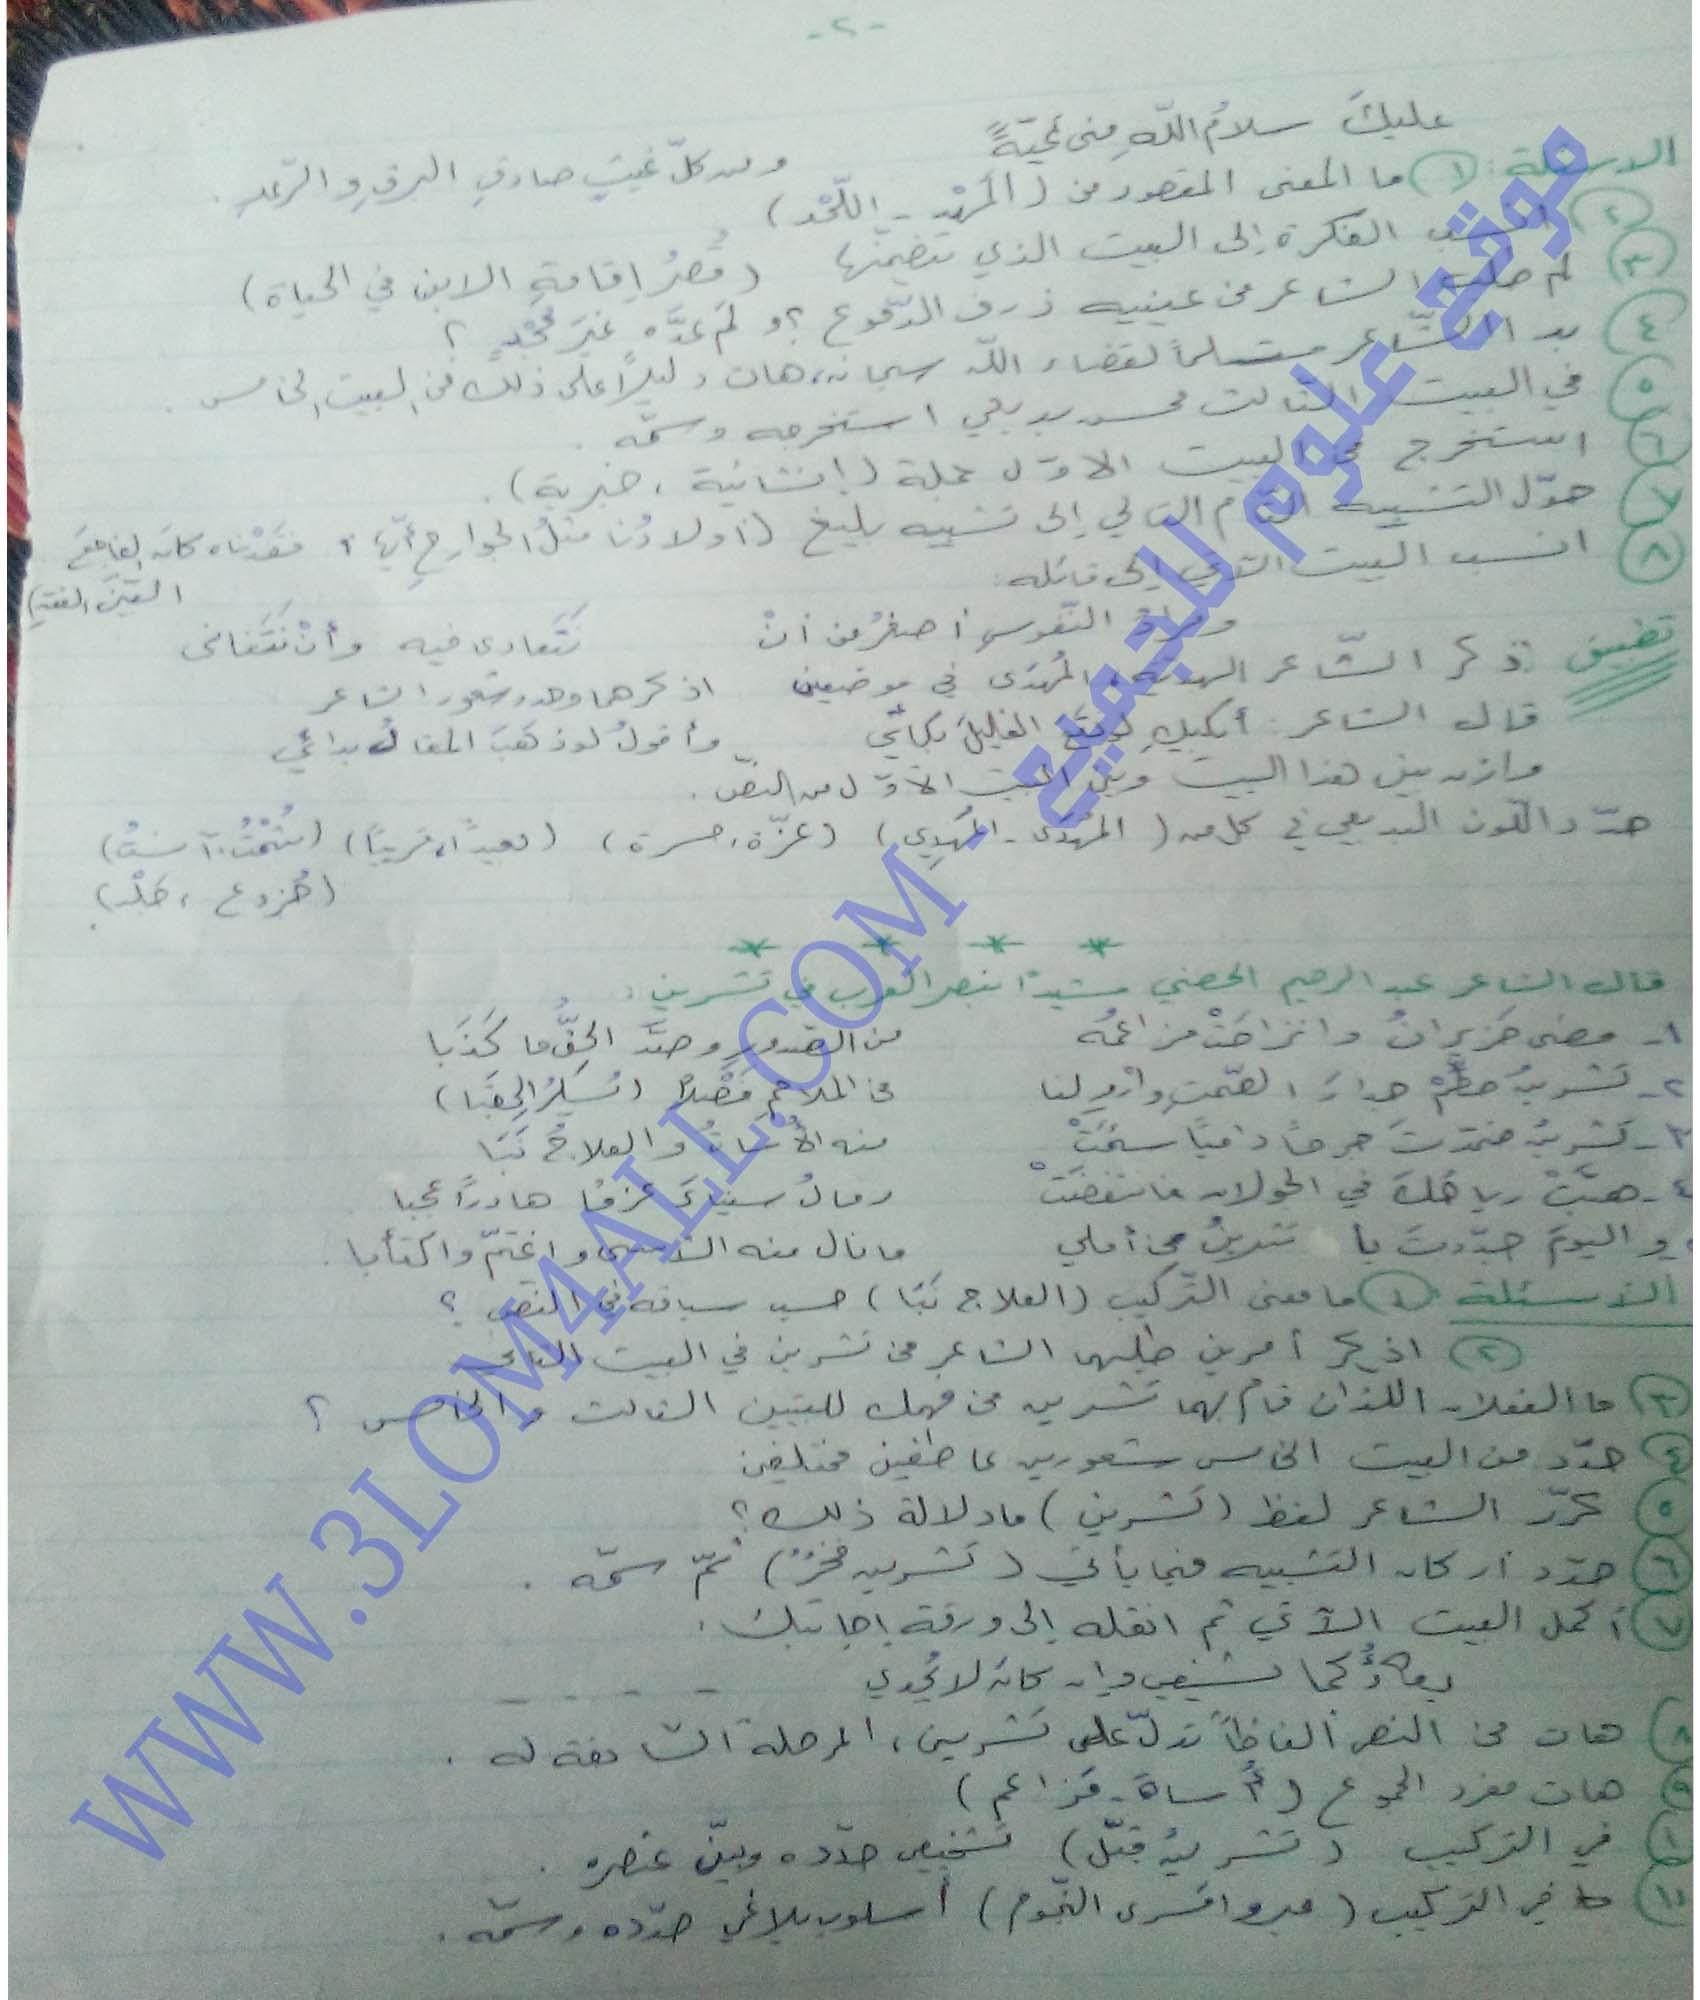 مجموعة من الاسئلة المهمة بالنصوص و القراءة و التعبير - التاسع سوريا